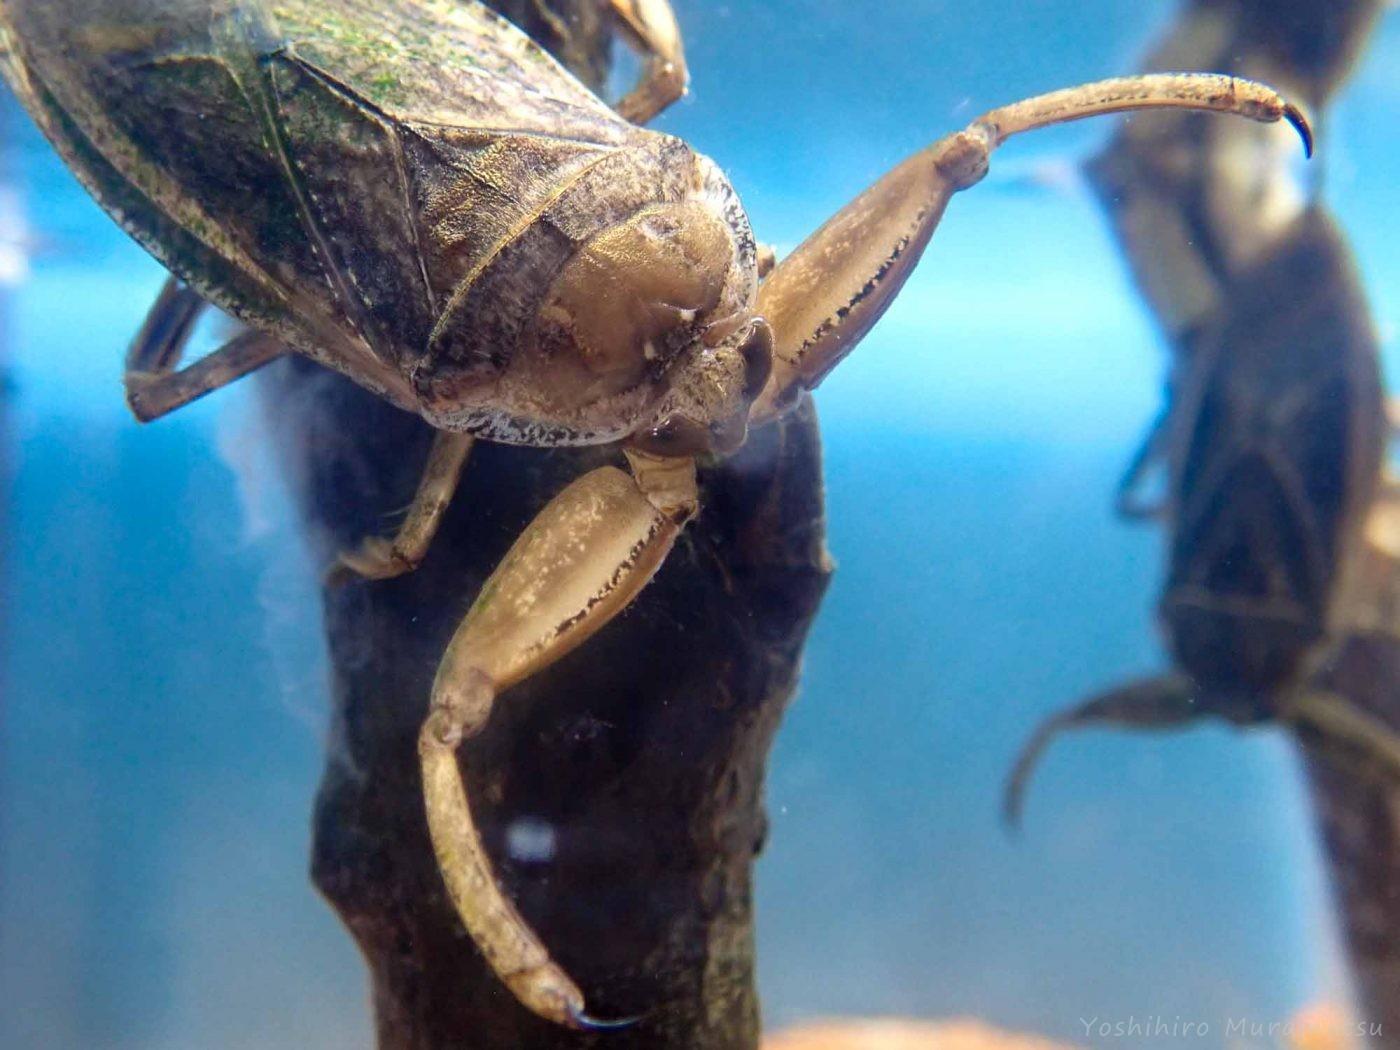 タガメ タガメ|水生昆虫の王者 |